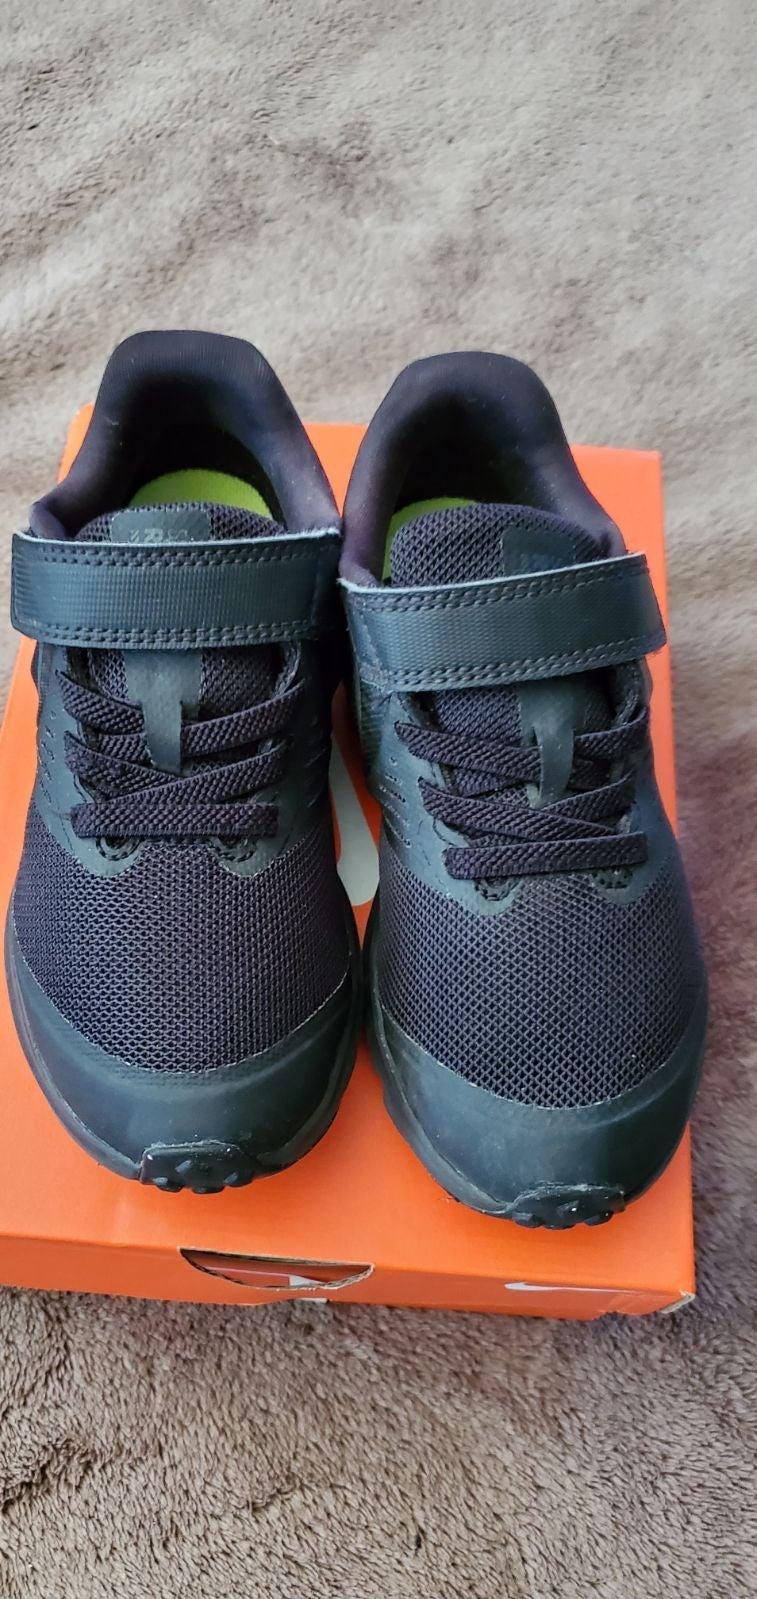 Nike star runner size 10.5c